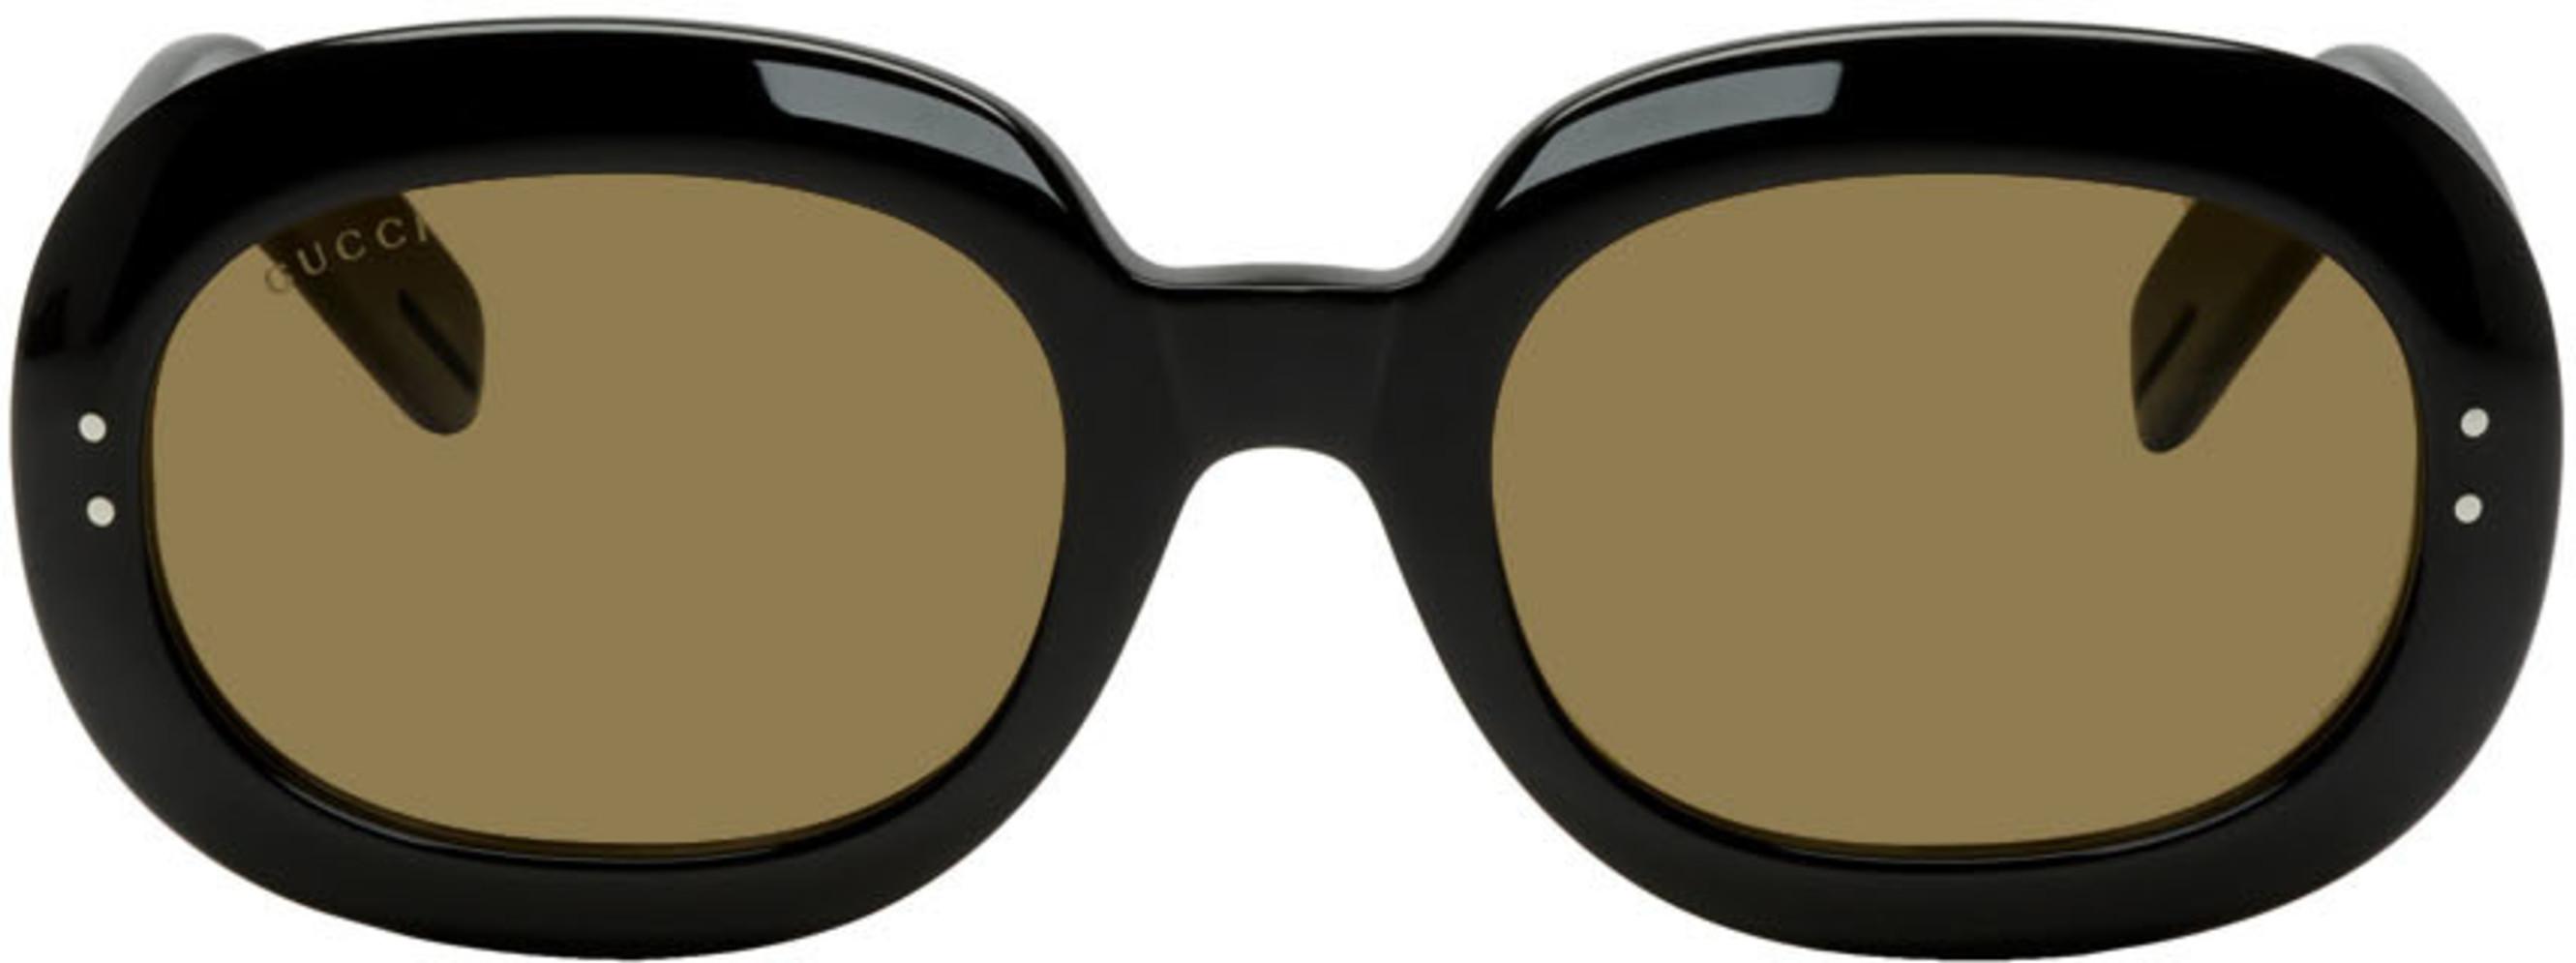 0c8183df76 Gucci eyewear for Men